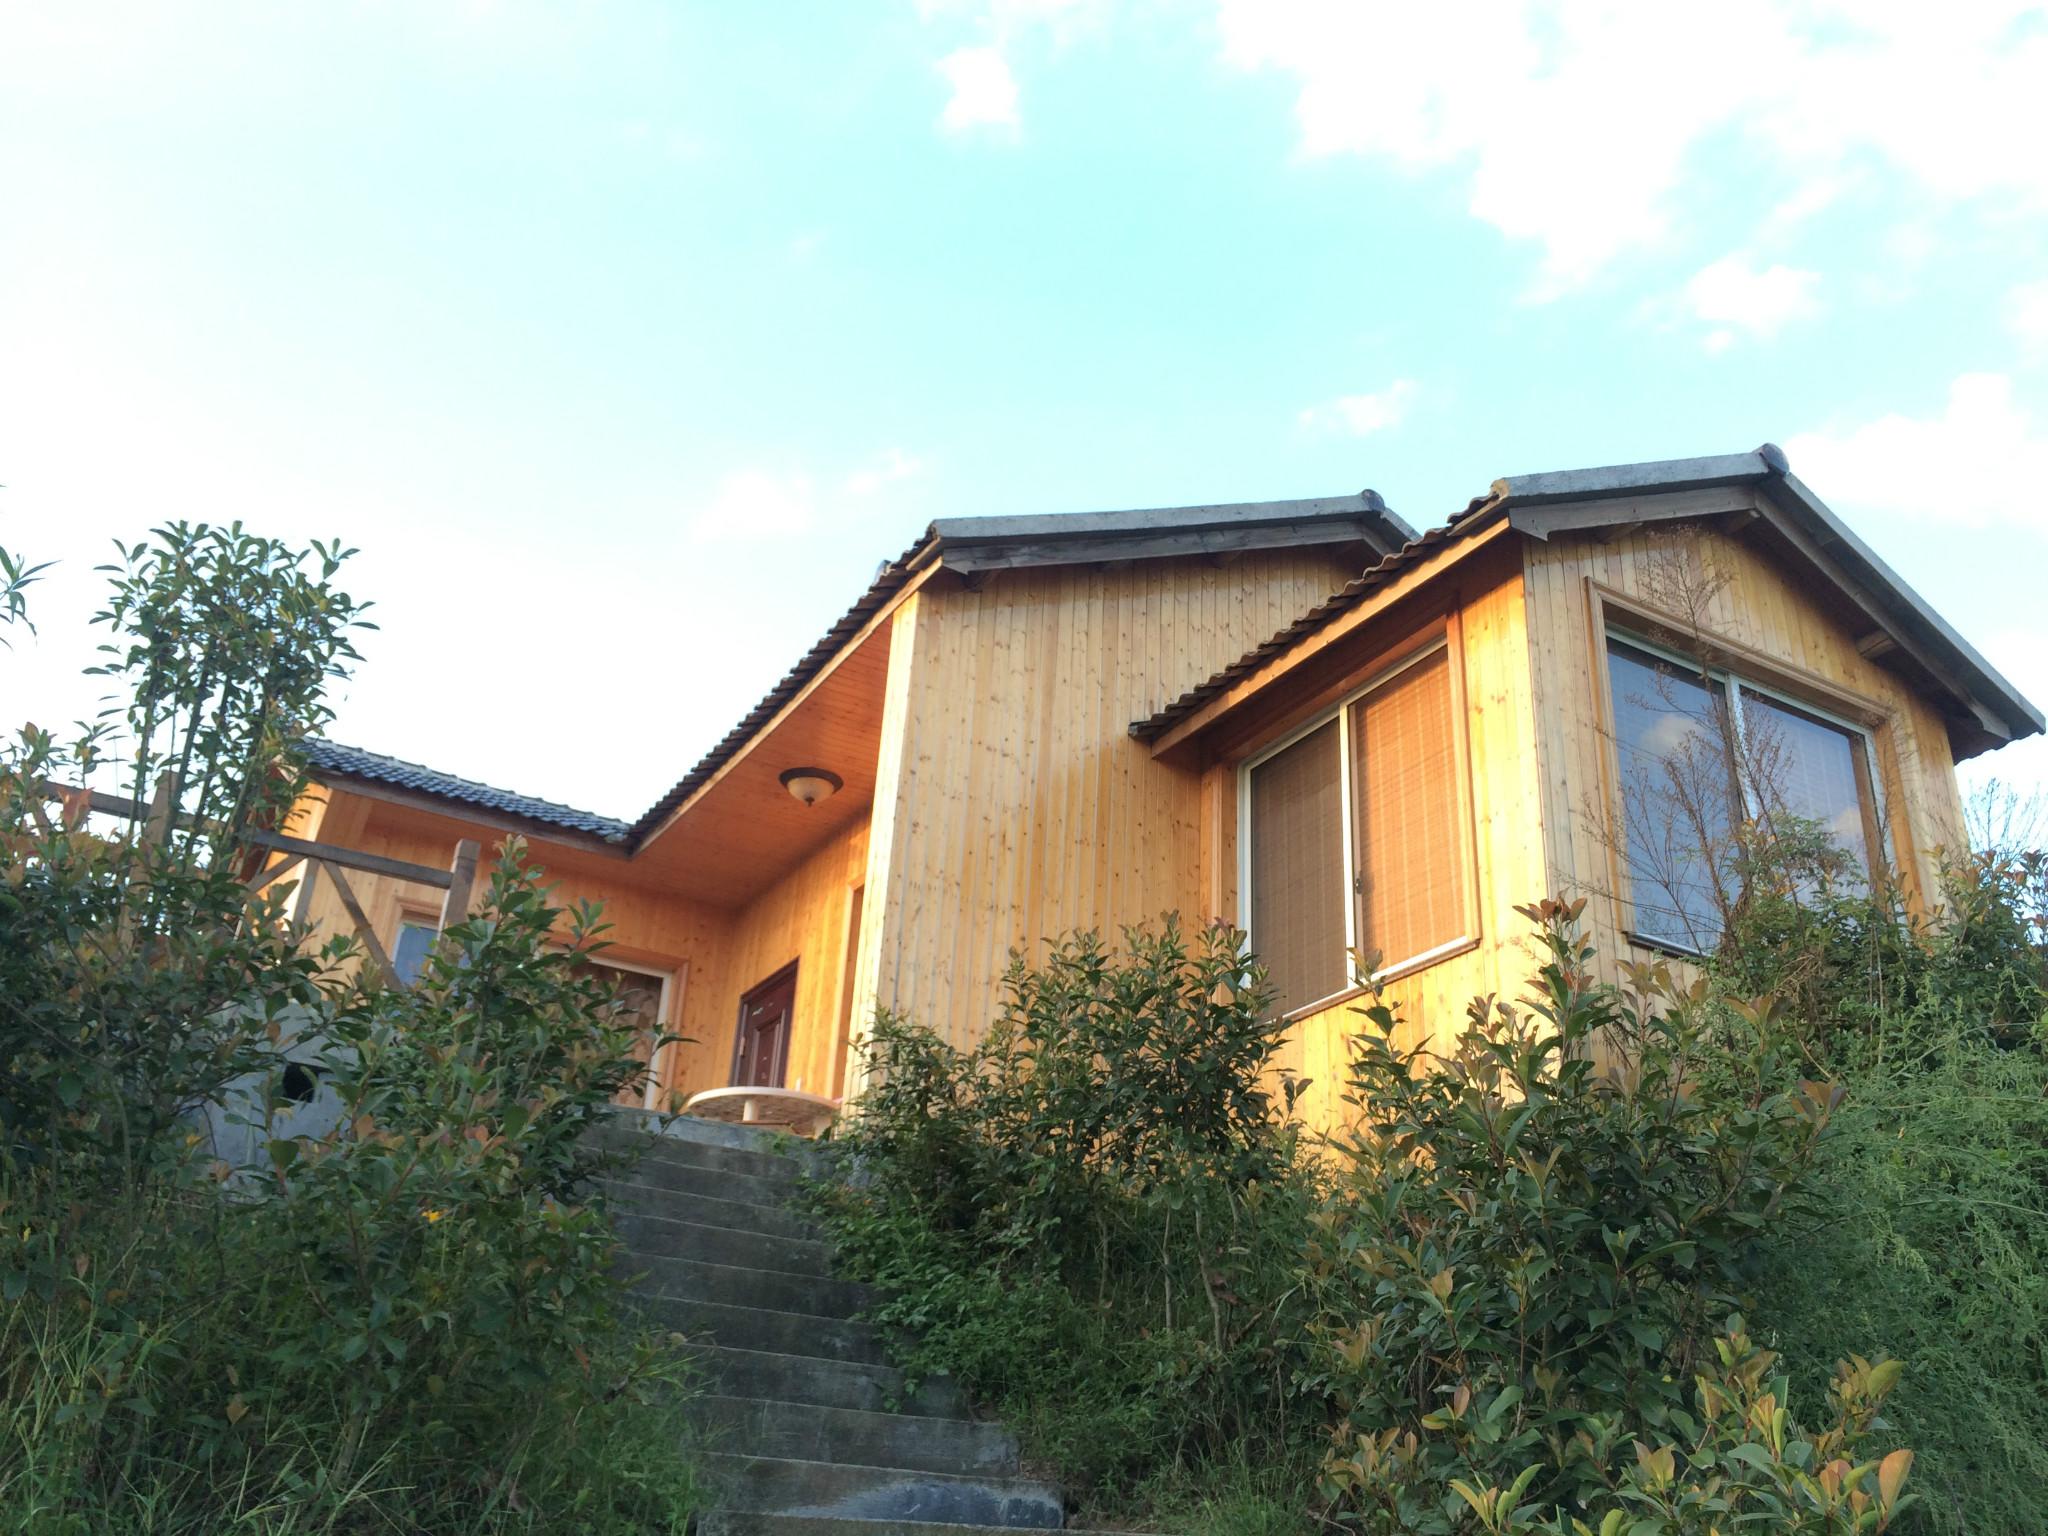 这里没有概念民宿的精致和设计——山野独栋木屋别墅,享受粗犷又安静